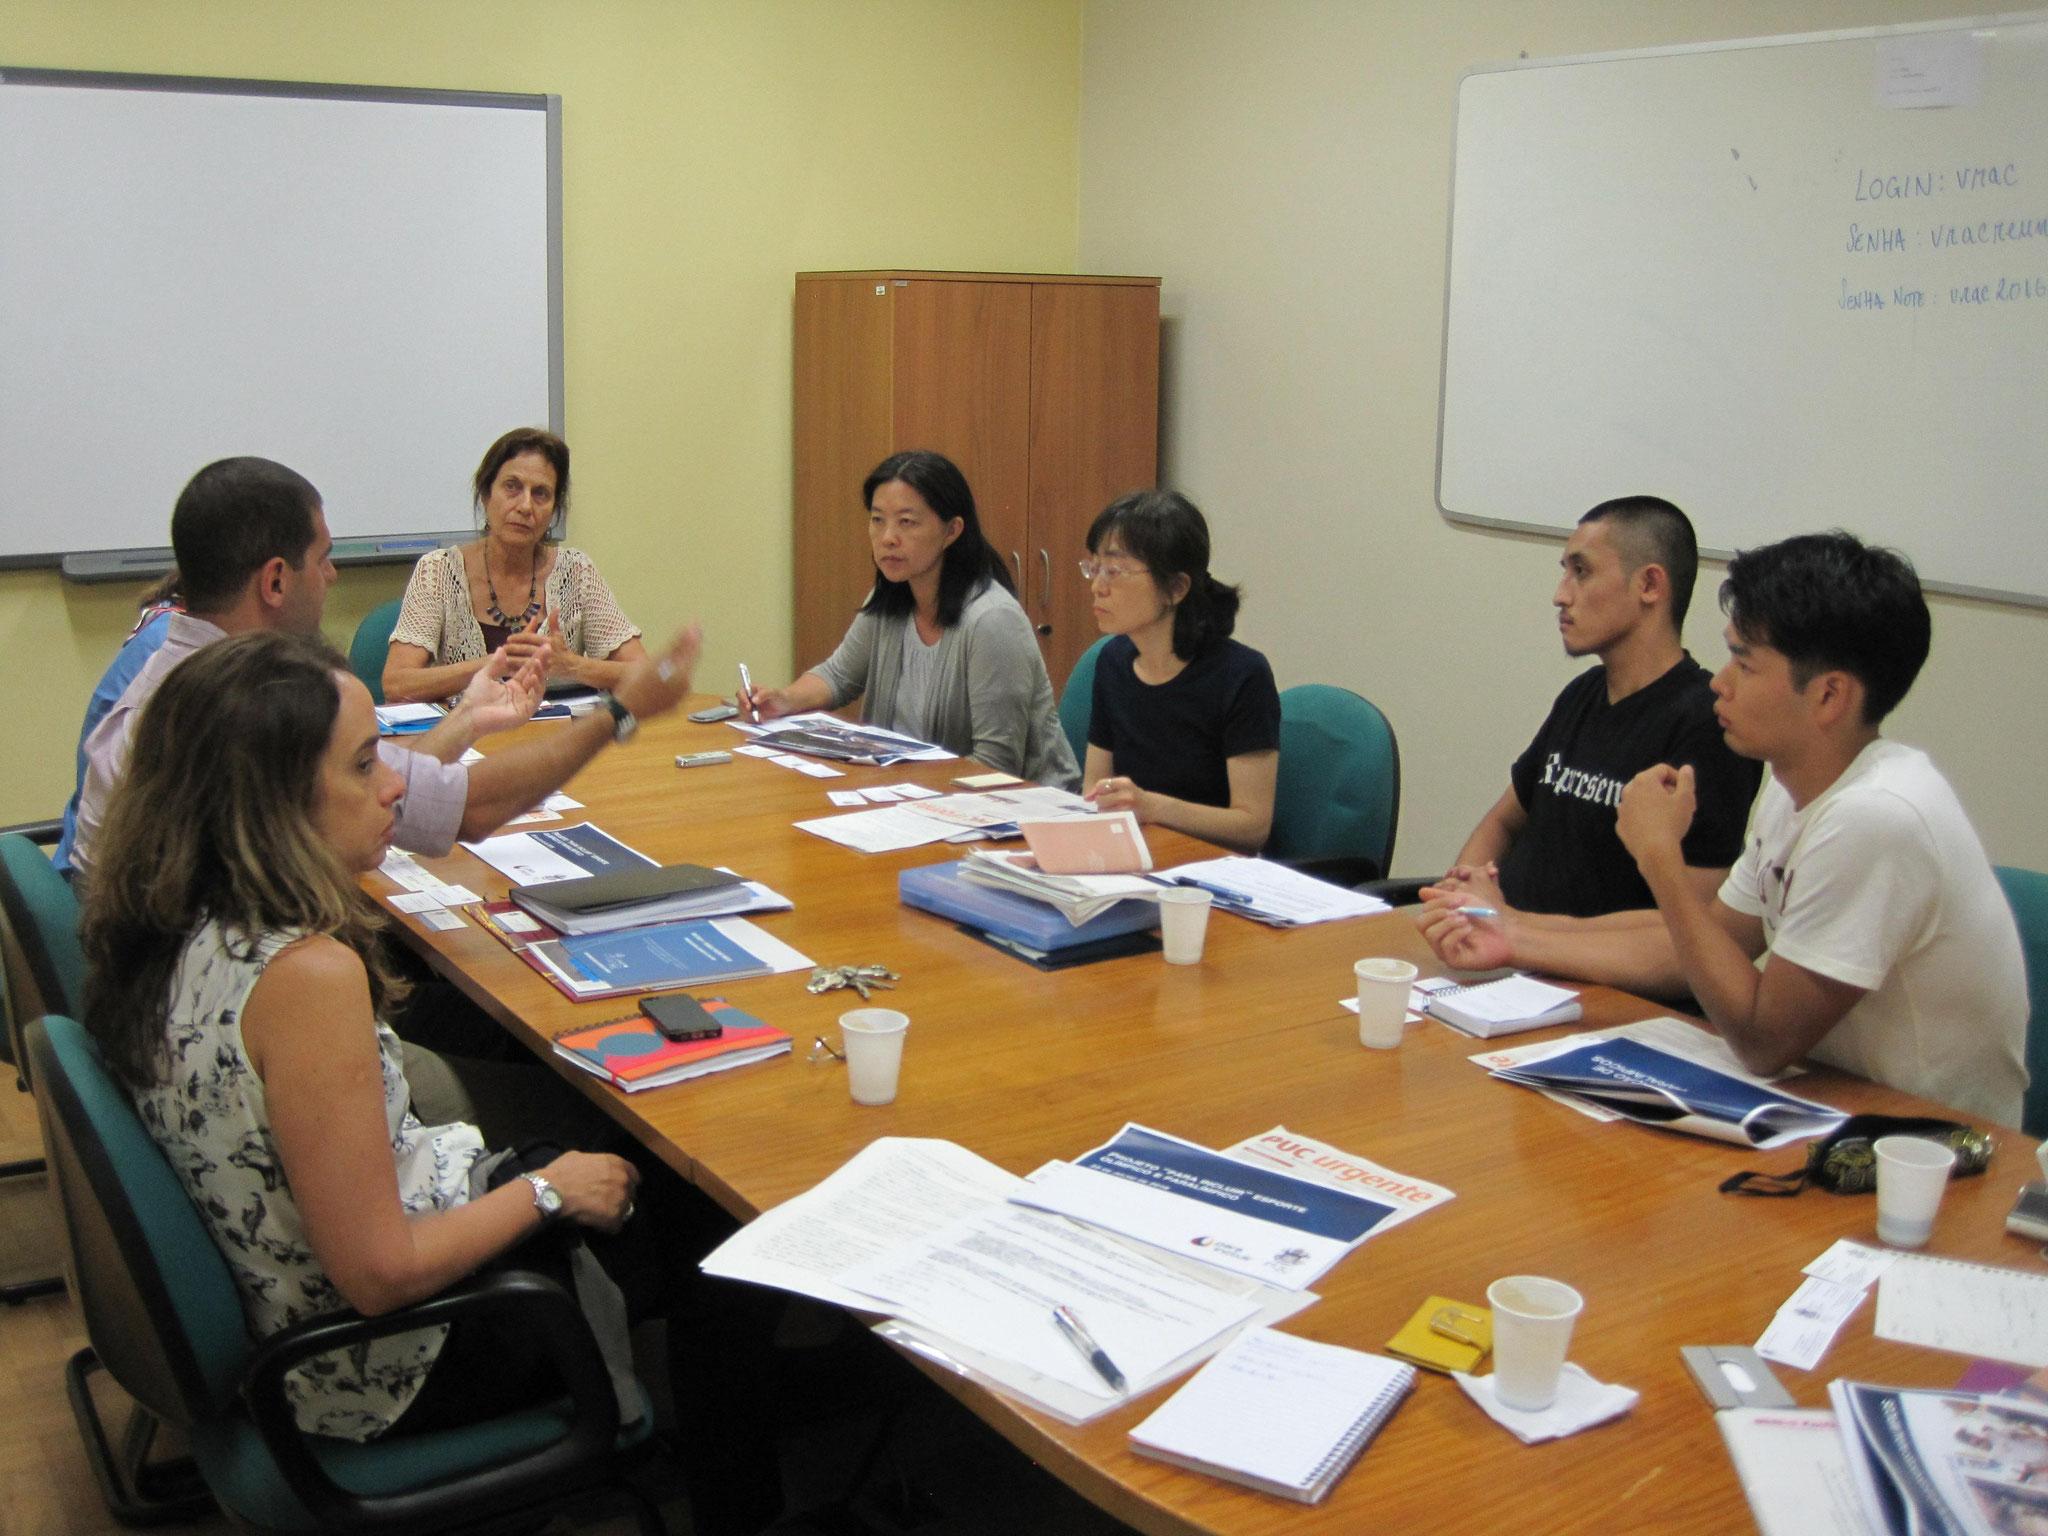 リオカトリック大学(PUC-RIO)での取り組みを伺いました